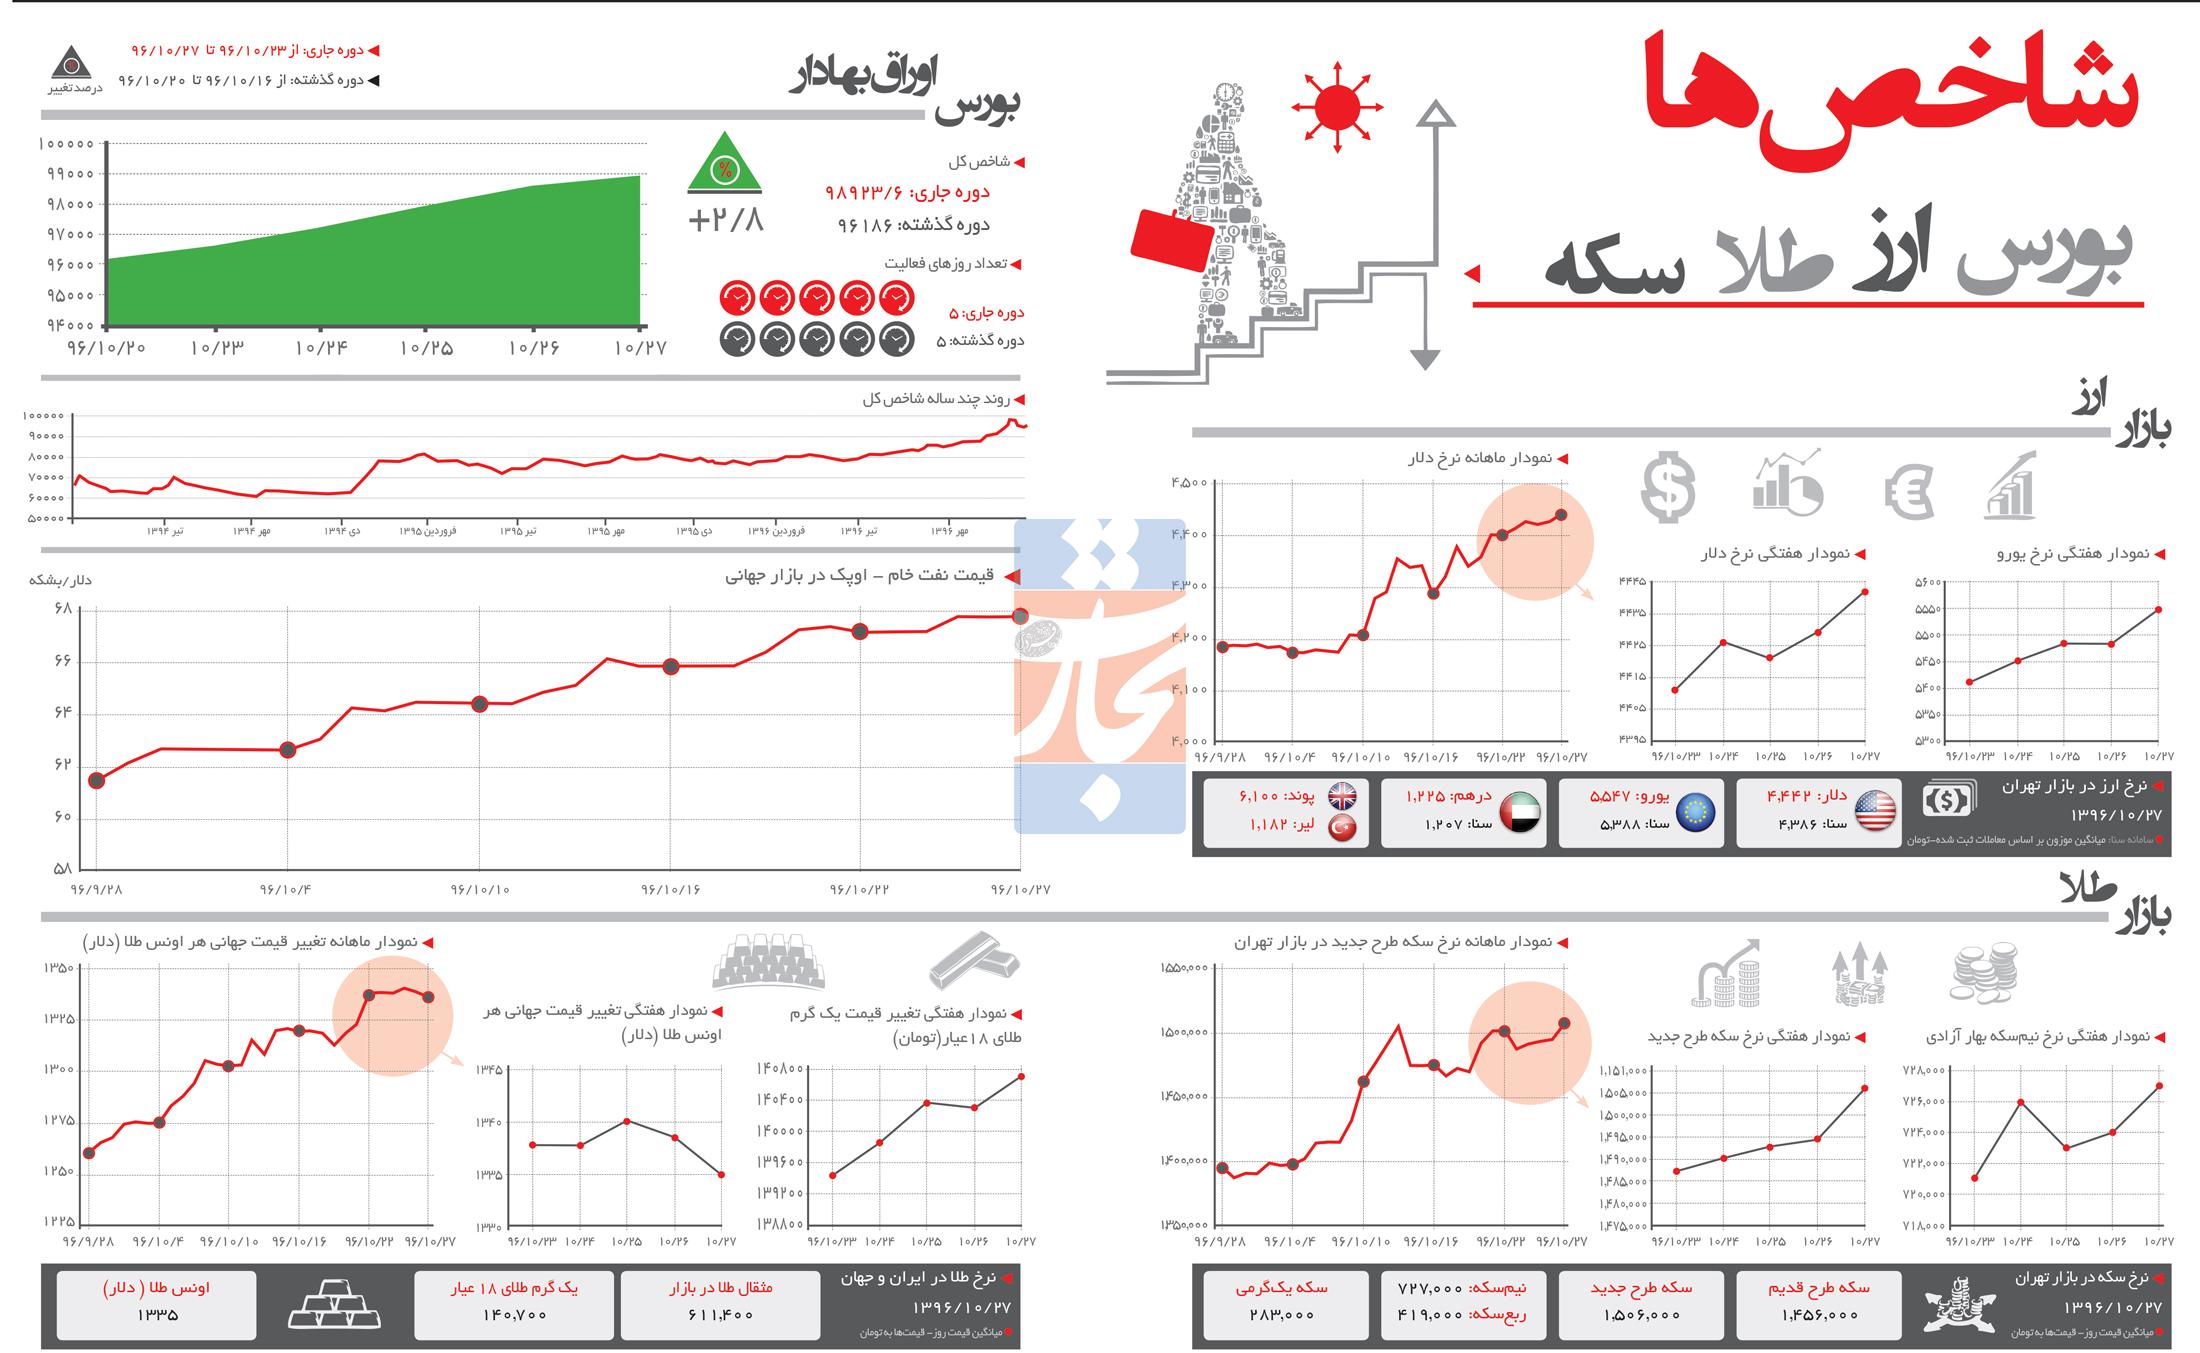 تجارت فردا- اینفوگرافیک- شاخصهای اقتصادی (255)